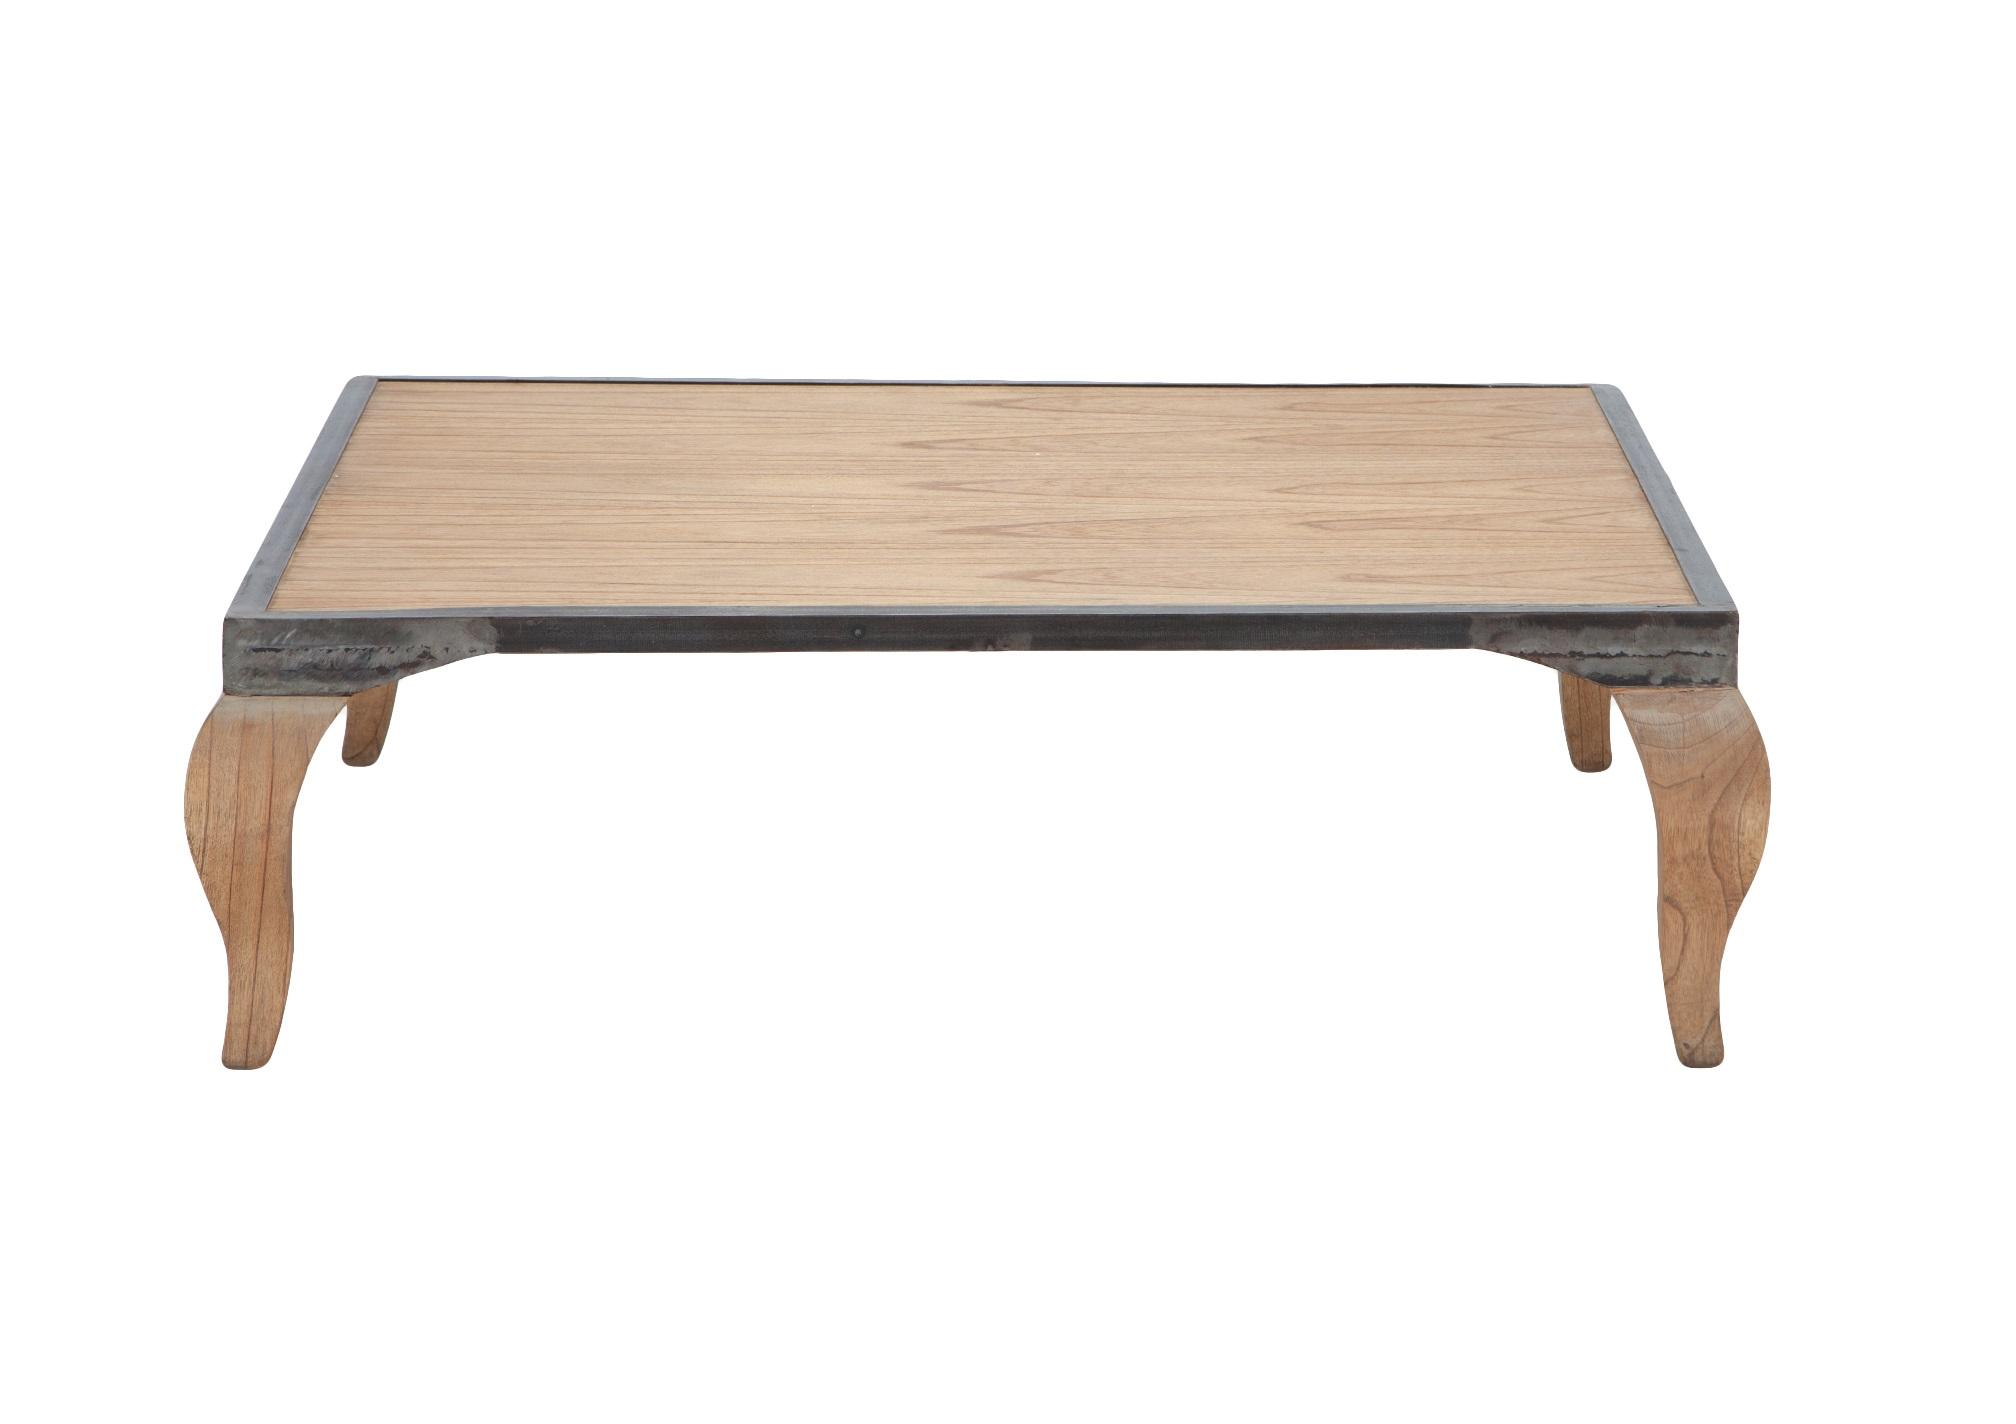 Столик кофейный «Клео»Кофейные столики<br>Столик кофейный квадратный из дерева махагони, декорирован металлом.<br><br>Material: Красное дерево<br>Ширина см: 115<br>Высота см: 35<br>Глубина см: 115